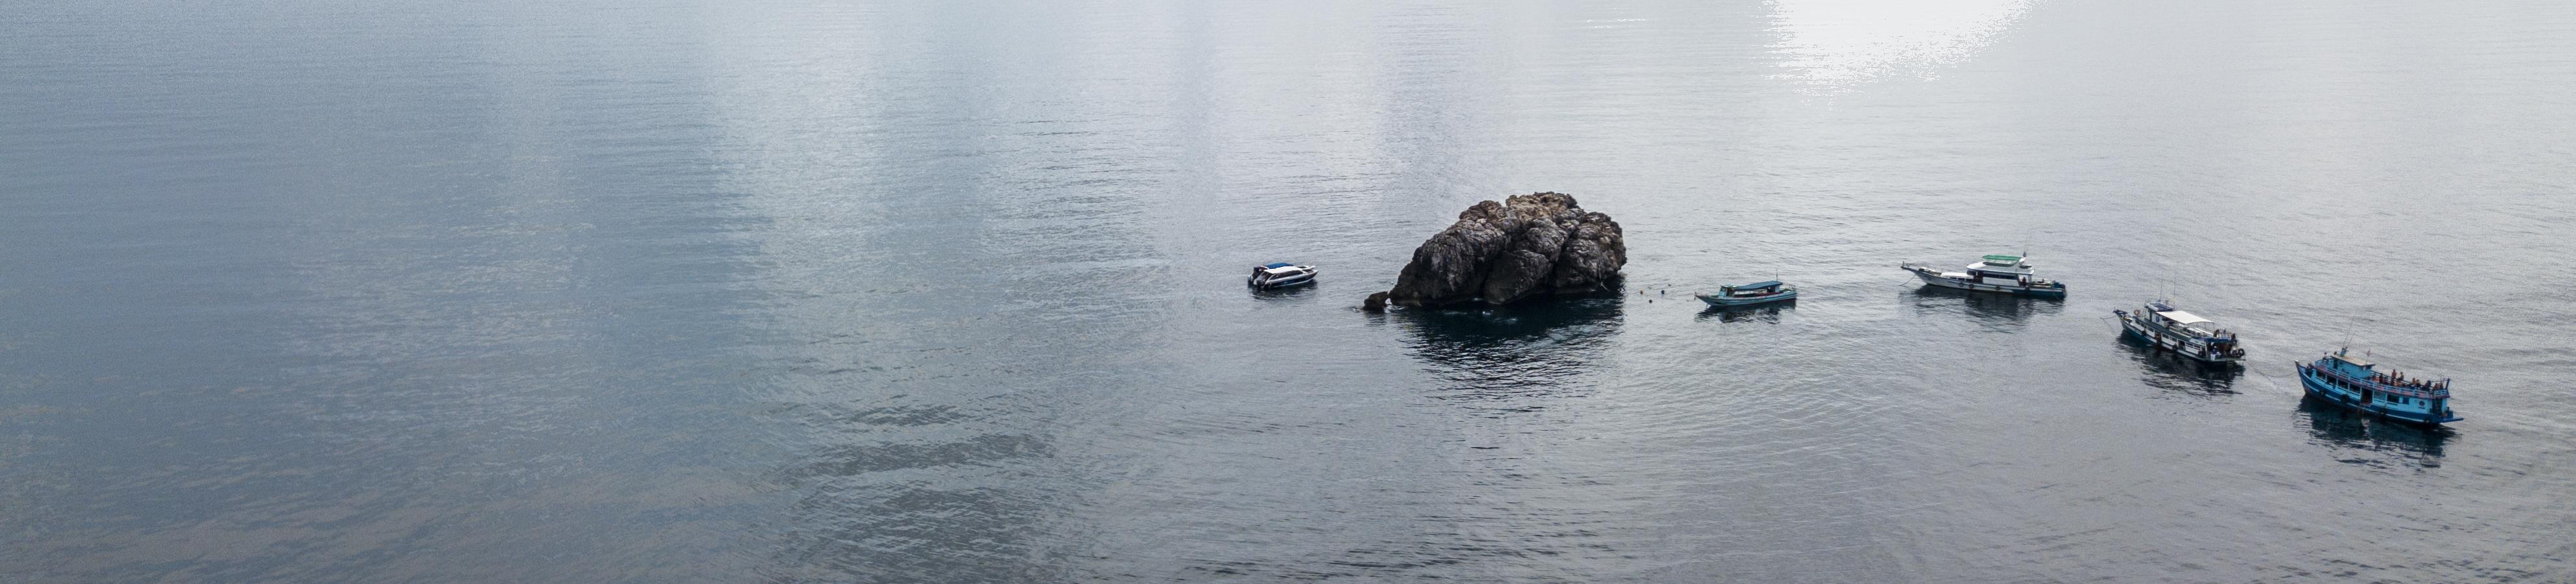 Sail-Rock_Site-de-plongée